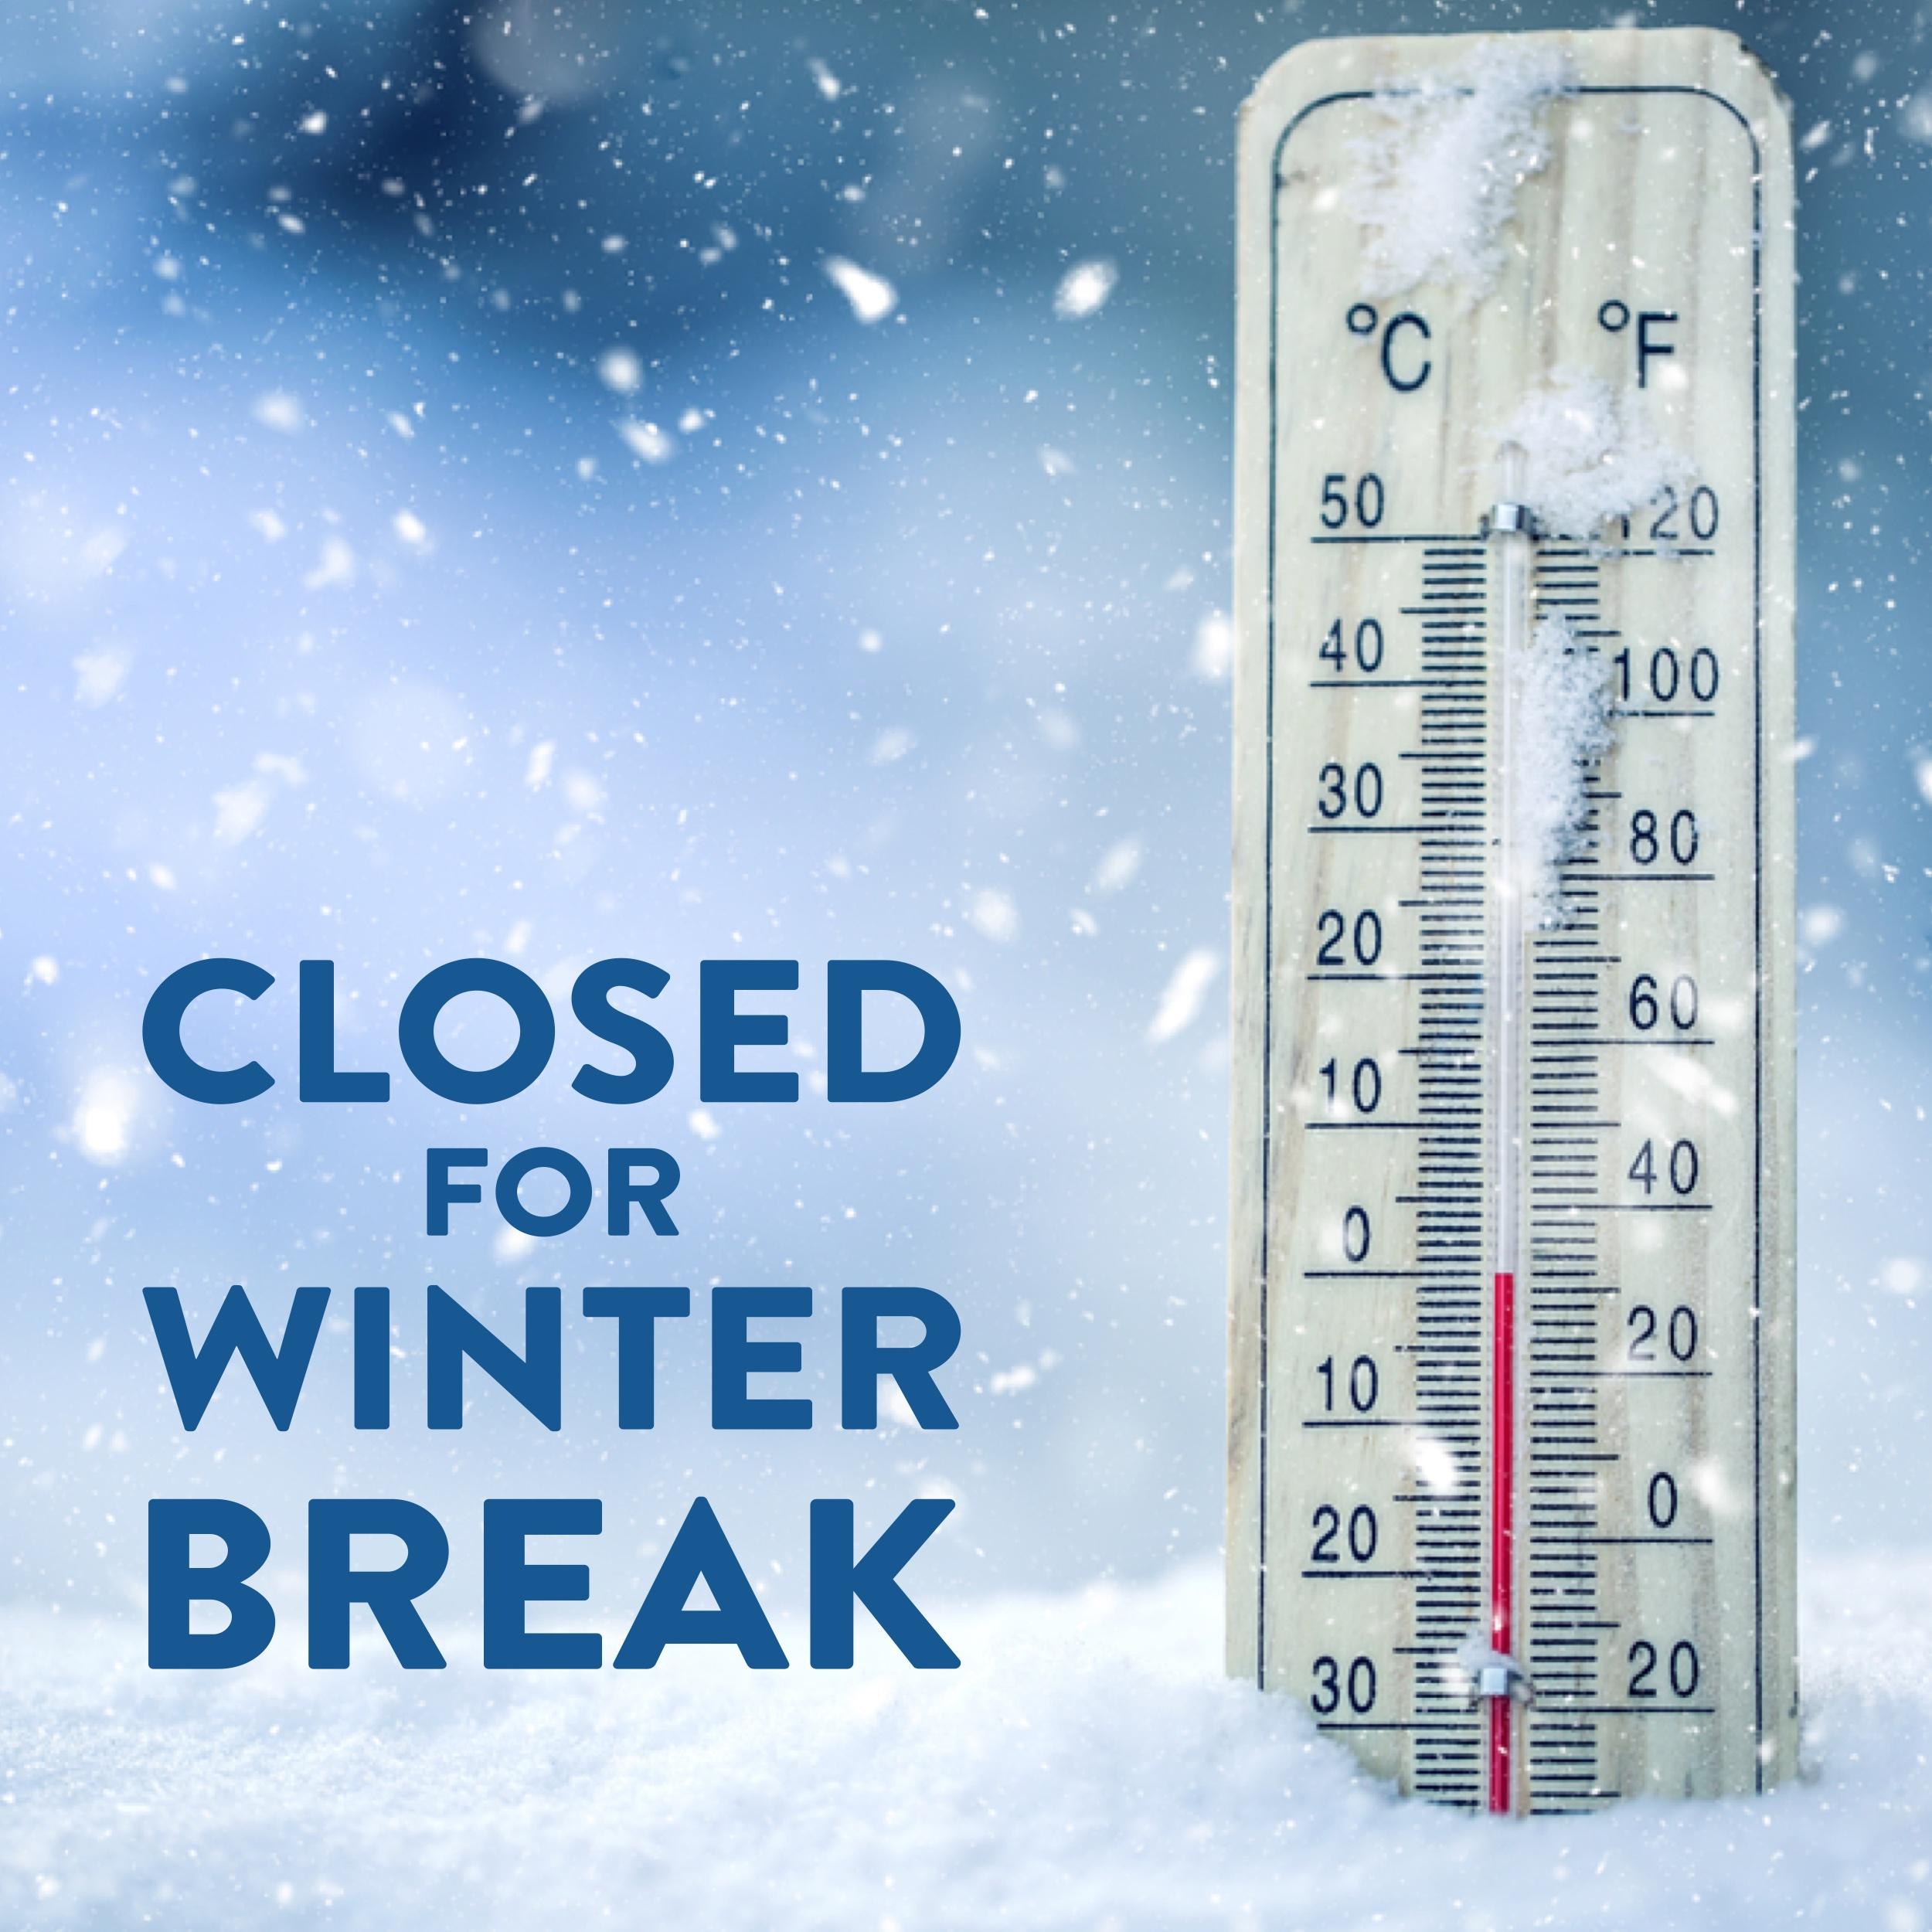 closed for winter break.jpg